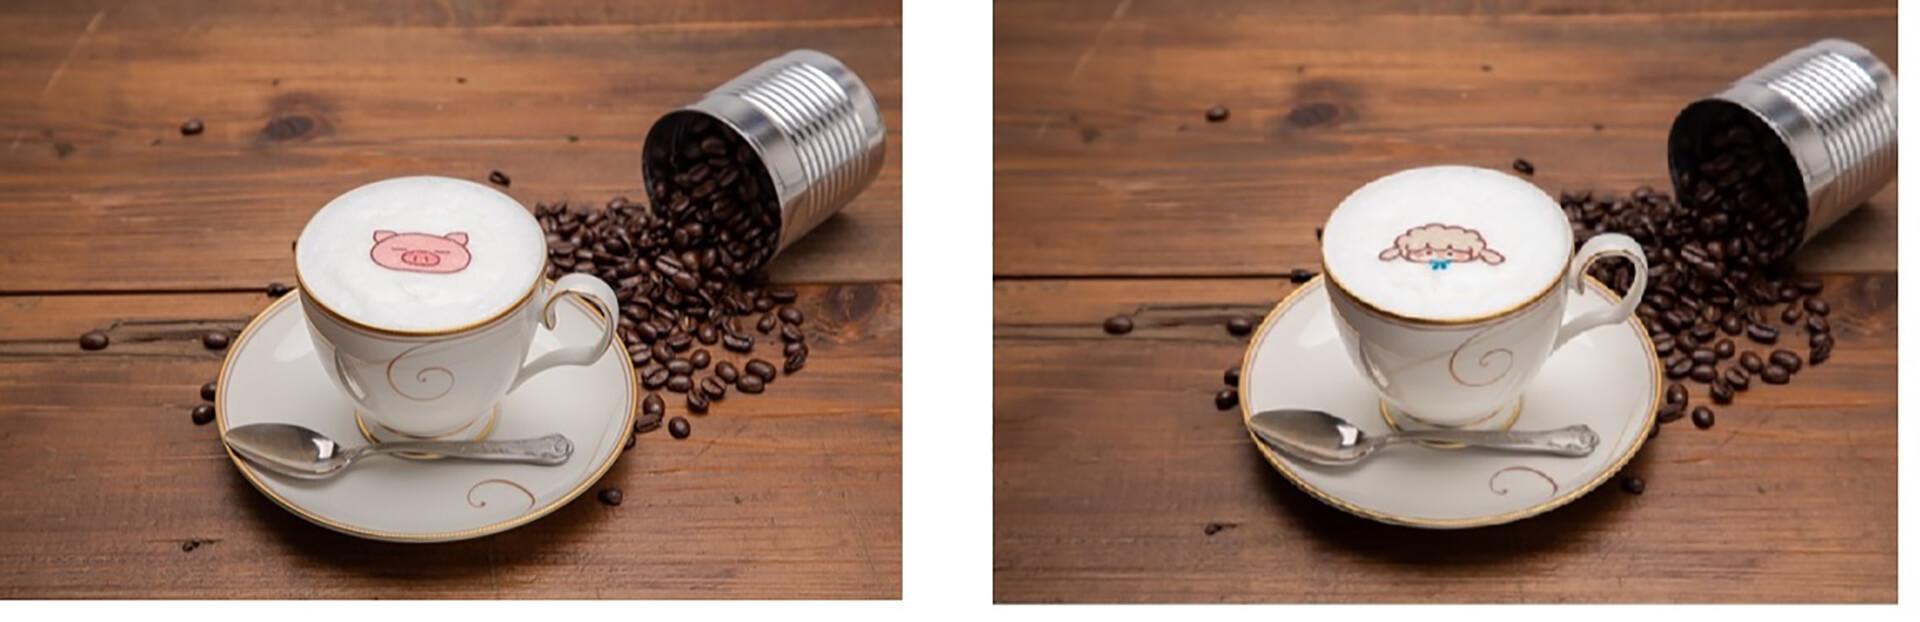 この写真はぶたたカフェのメニュー、めーたのカモミールミルクティーなどです